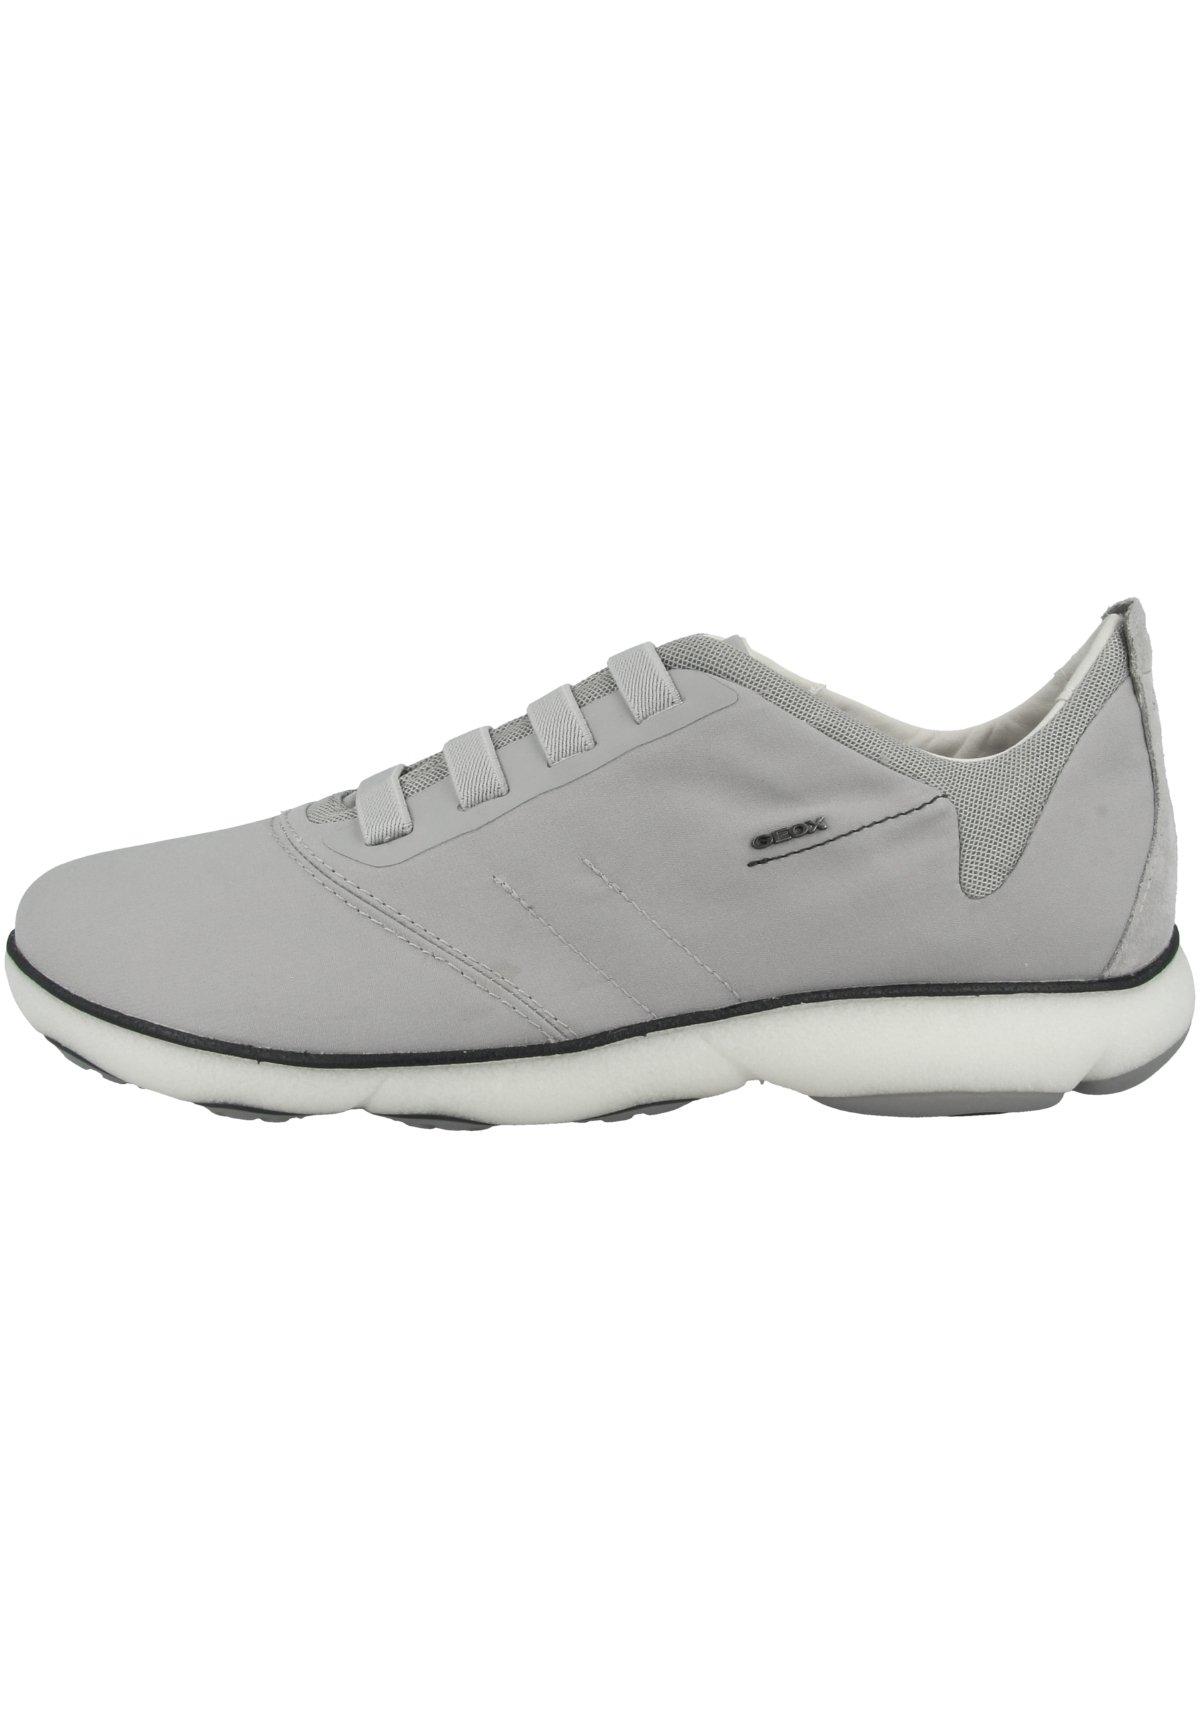 Homme Baskets basses - light grey